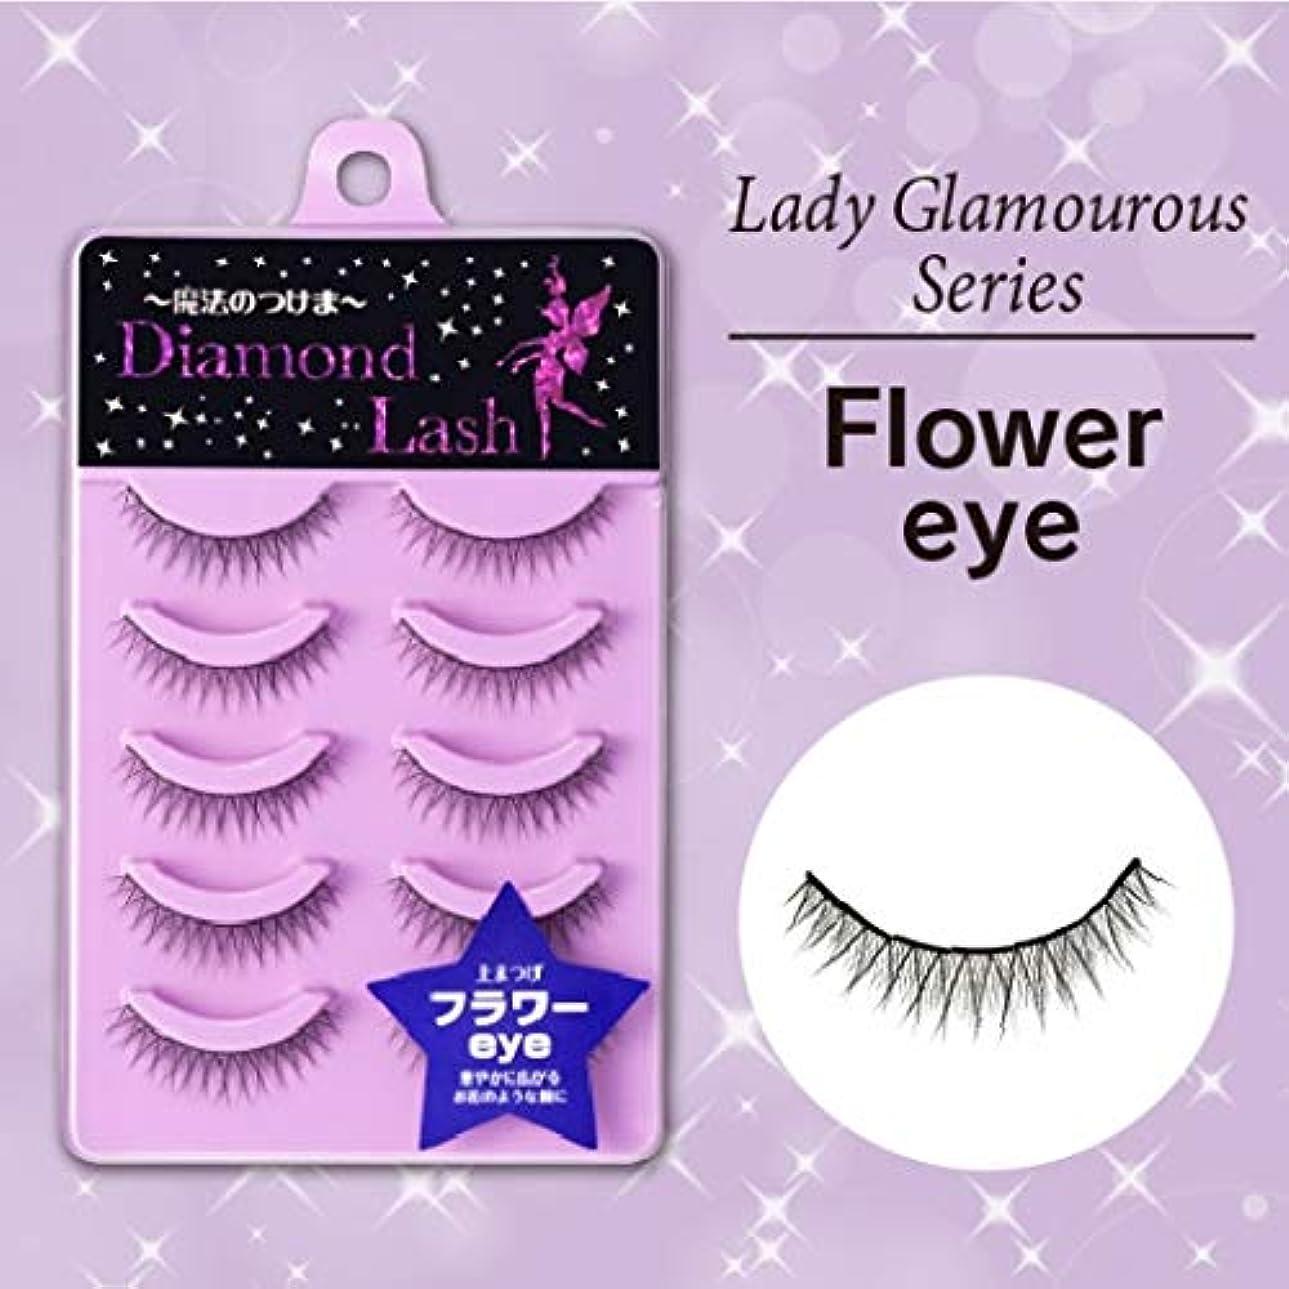 アクロバット敬佐賀Diamond Lash(ダイヤモンドラッシュ) レディグラマスシリーズ フラワーeye